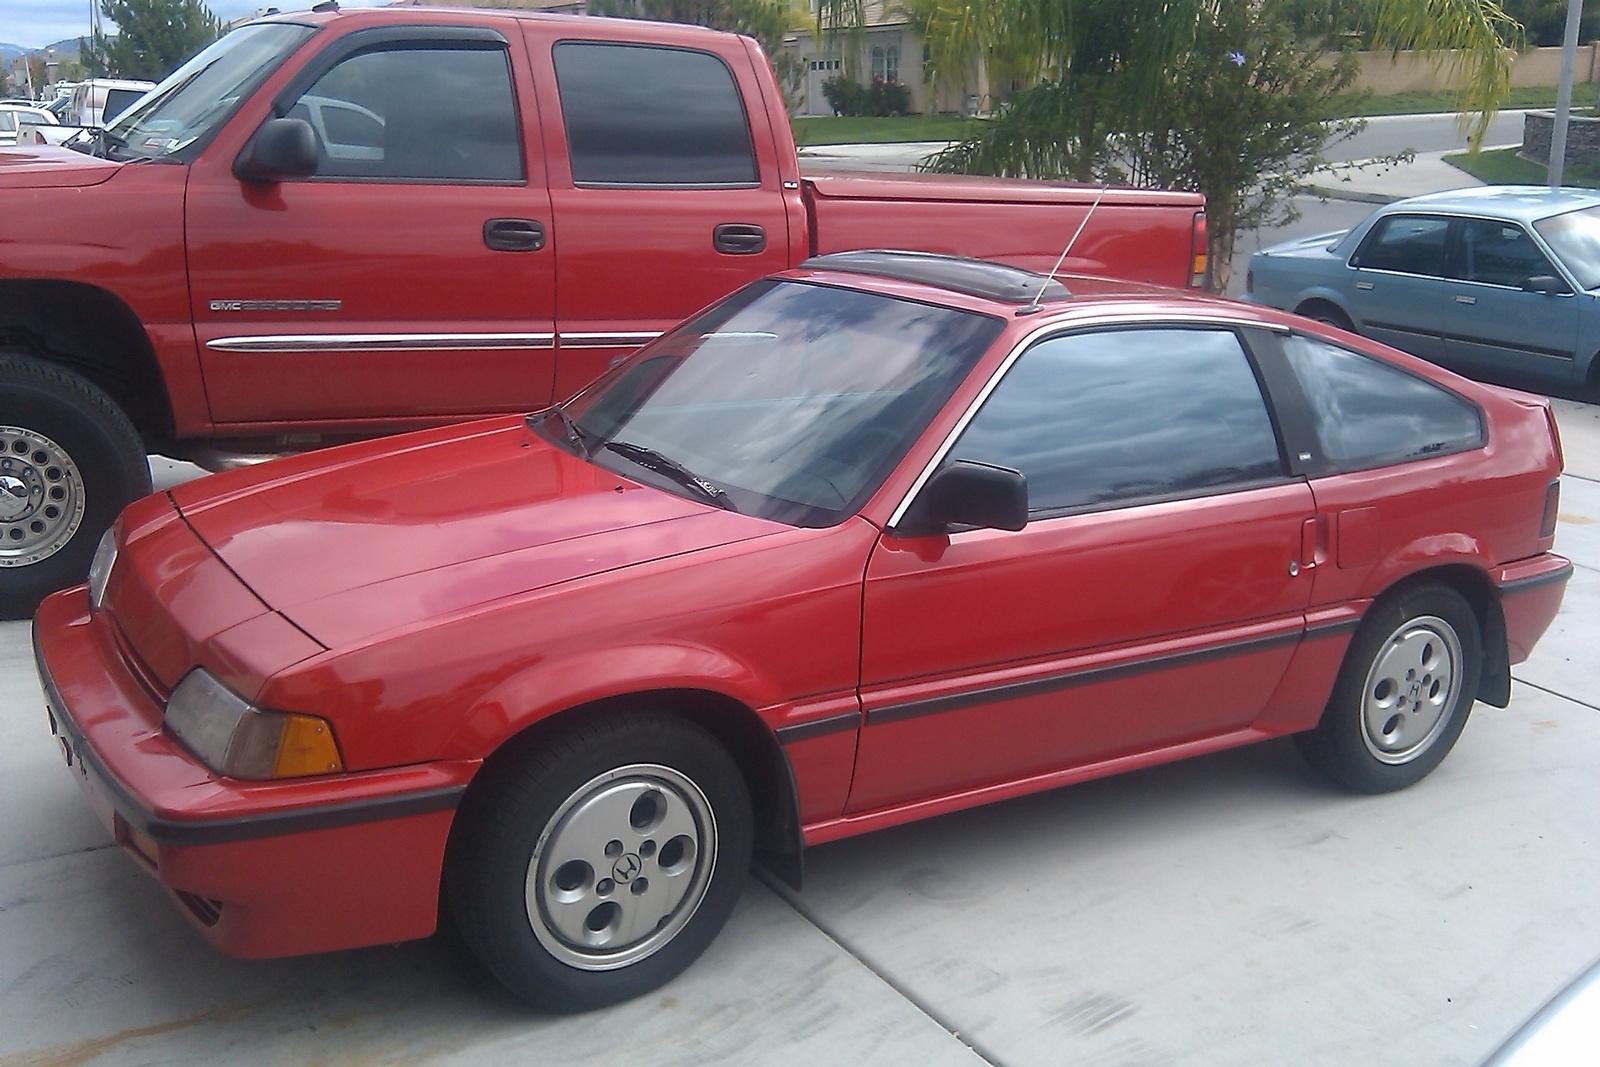 1987 Honda Civic CRX - Pictures - CarGurus